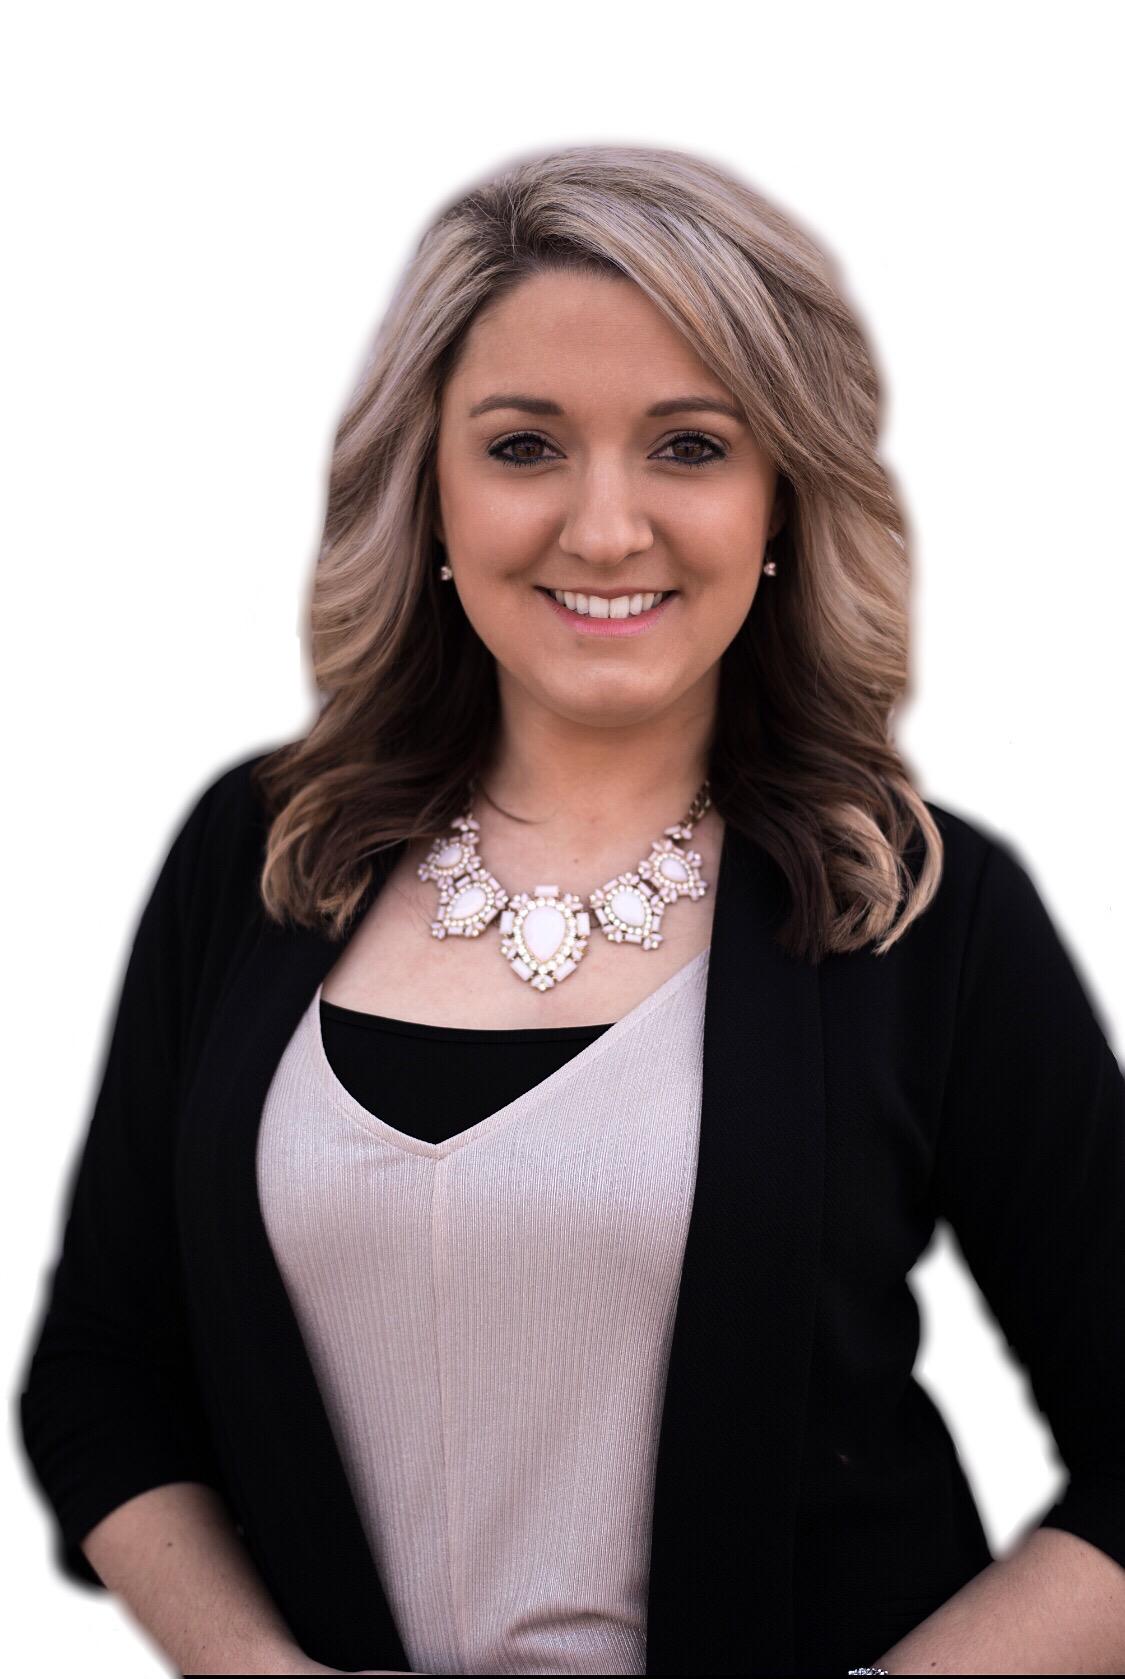 Lindsay Bankston undefined Maurer